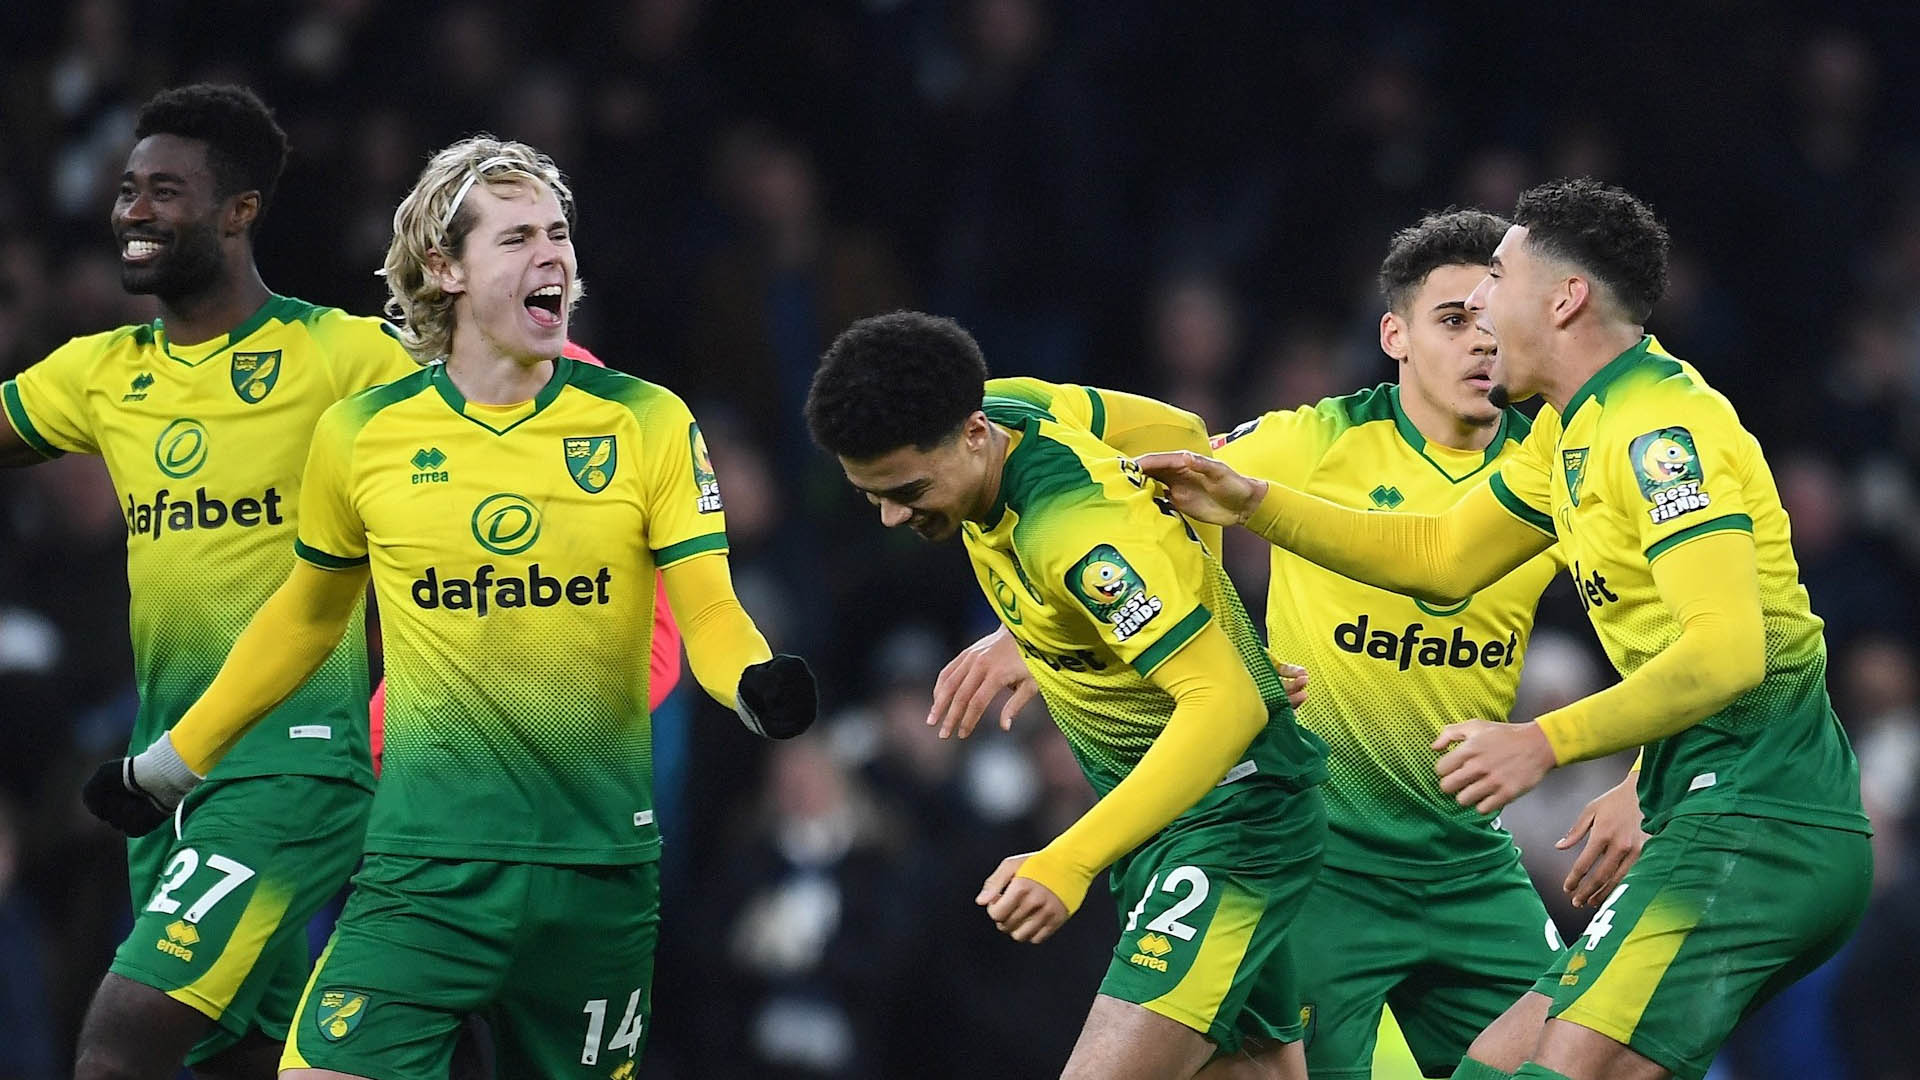 Norwich Tottenham Partido FA Cup 2